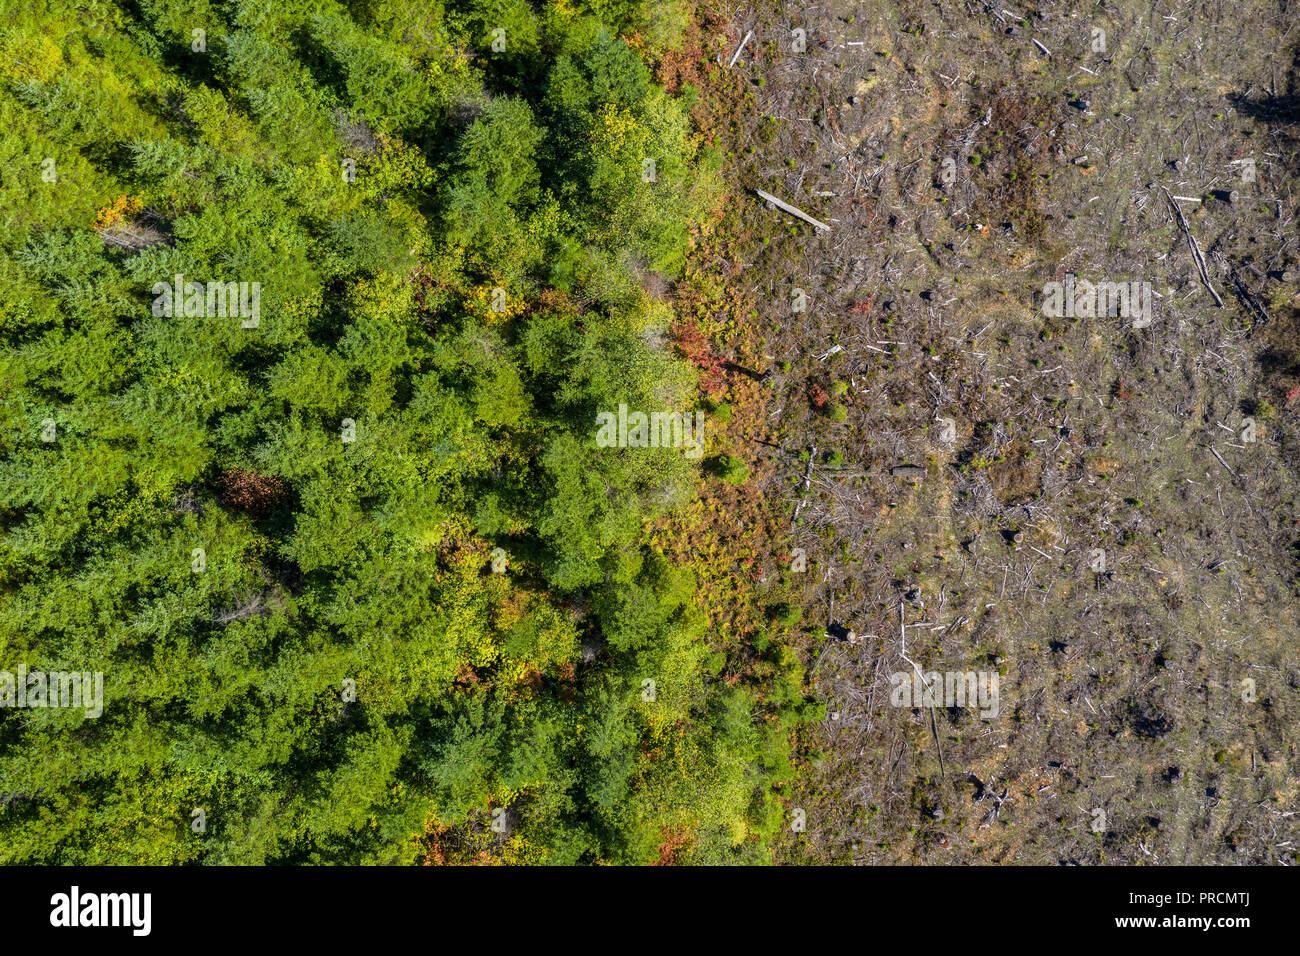 Deforestation Aerial View Stock Photos & Deforestation